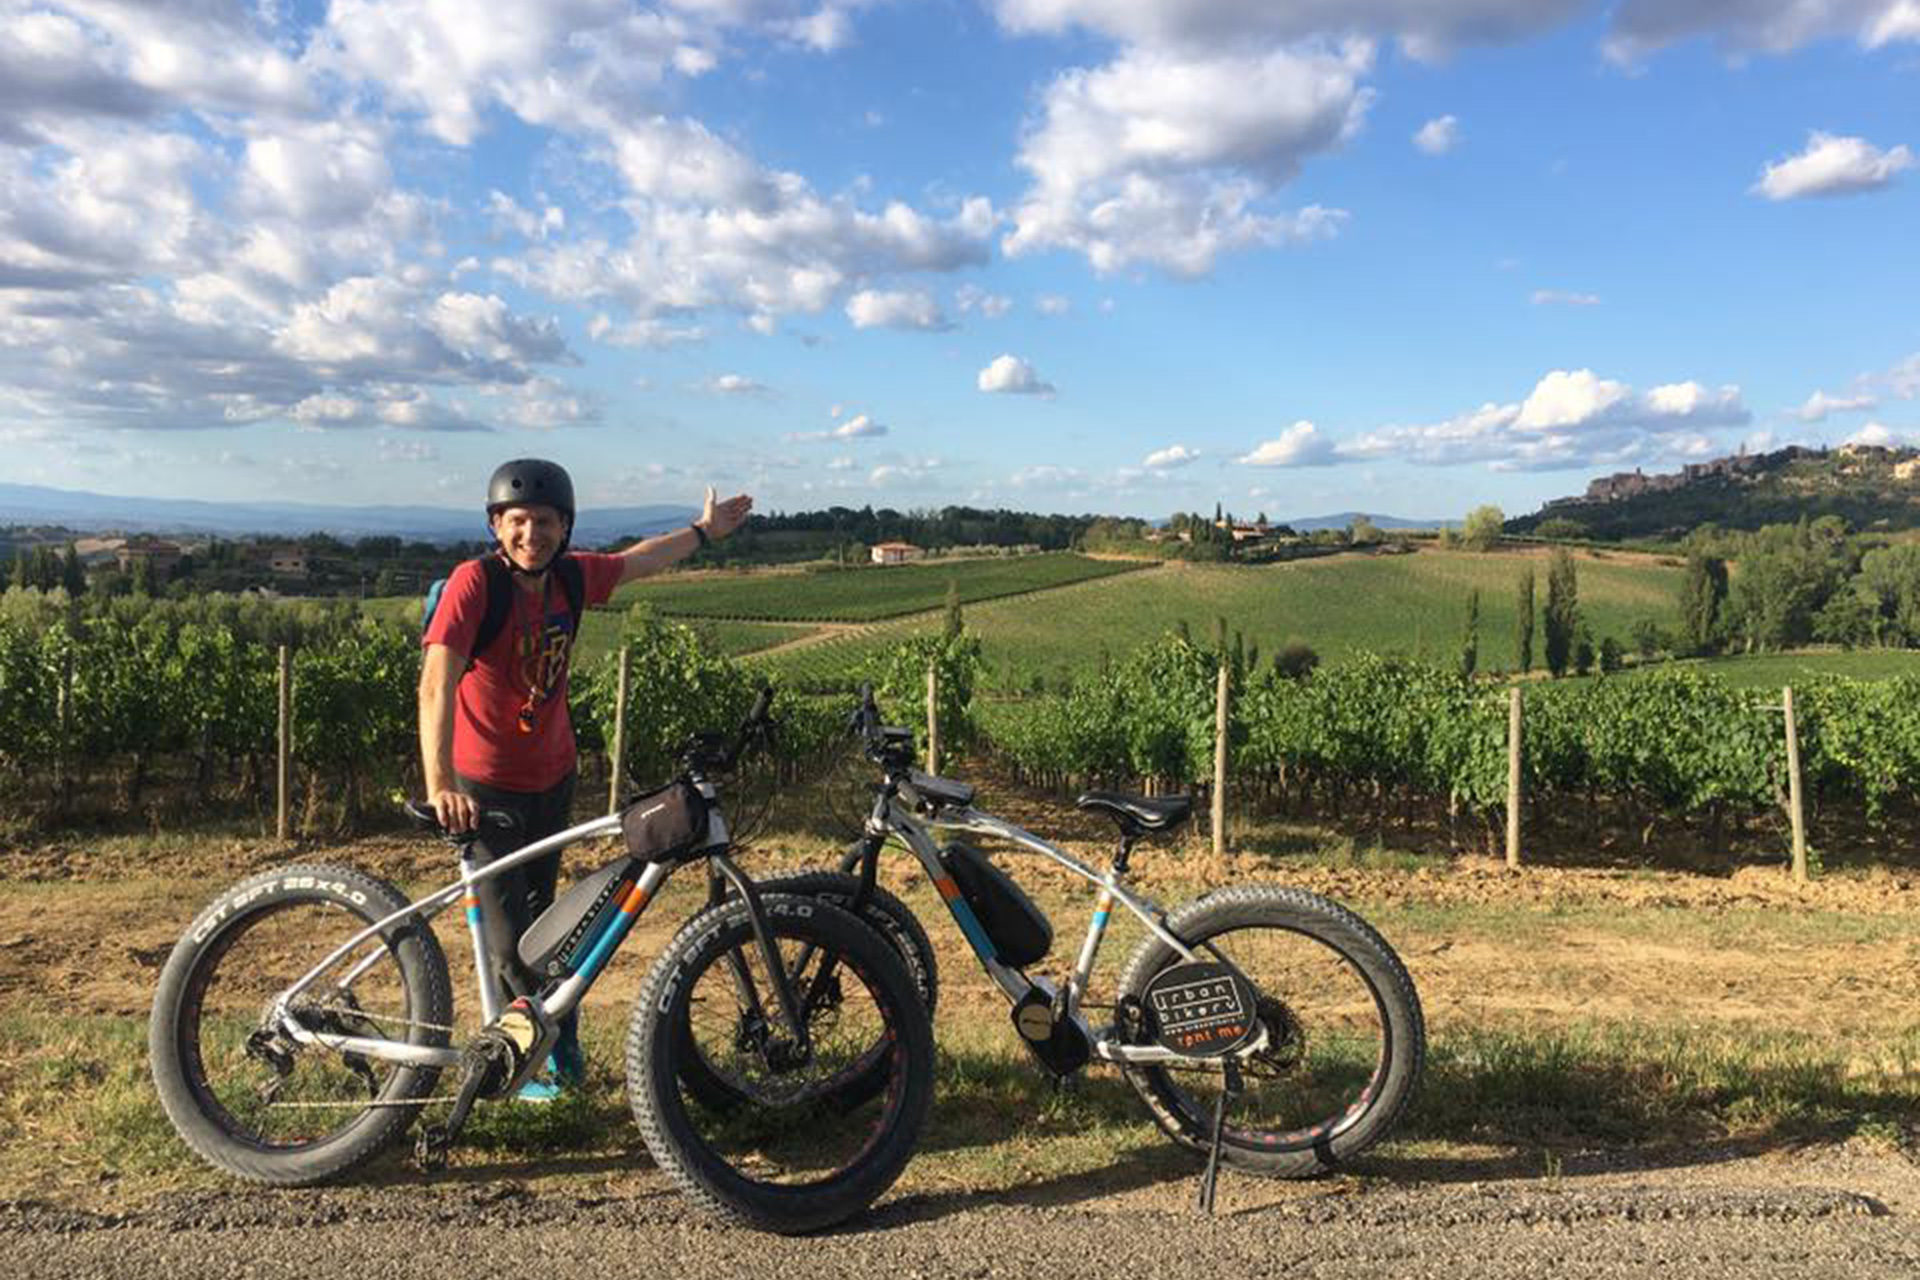 urban_bikery